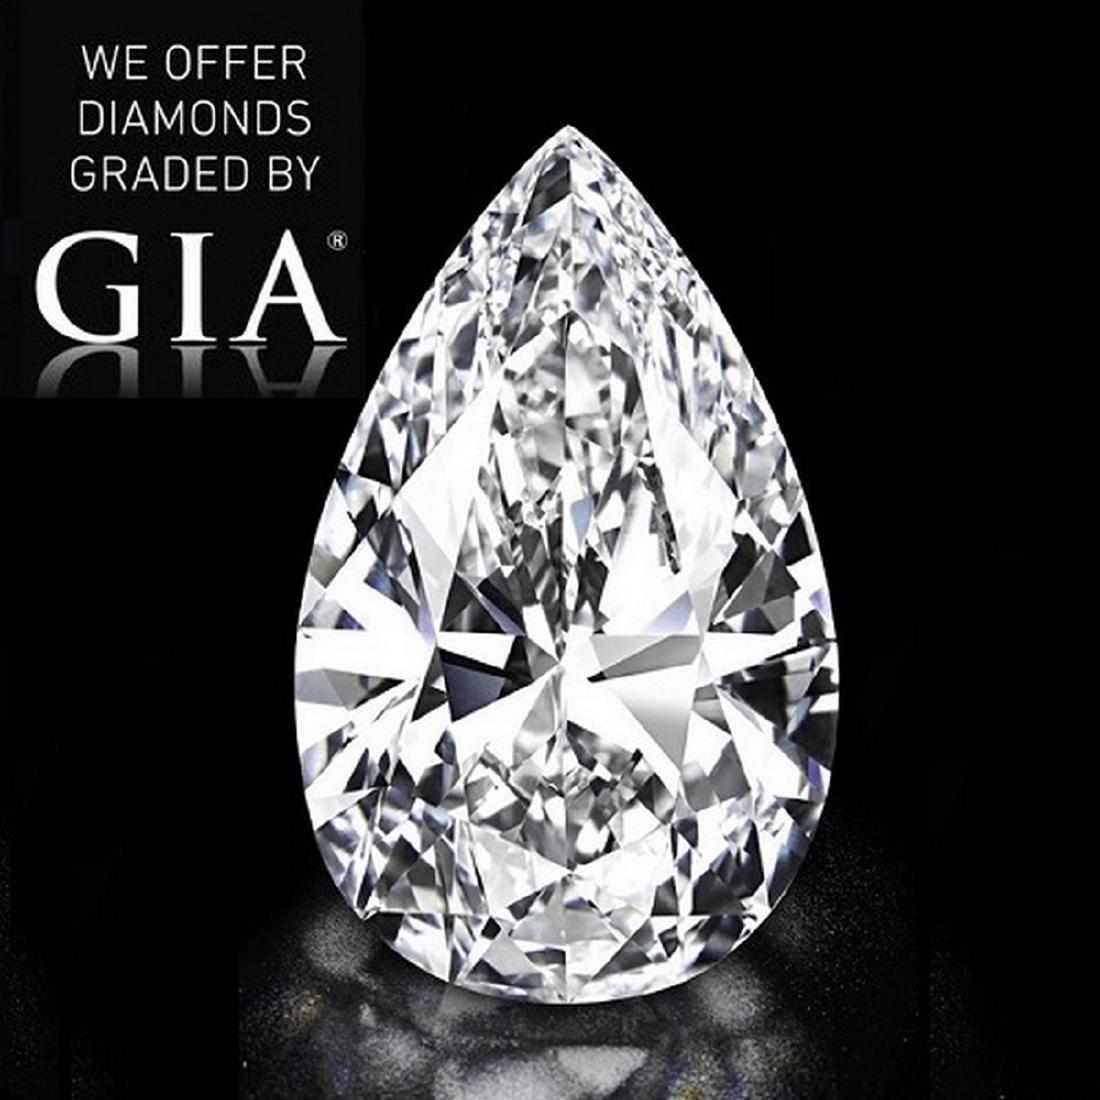 4.50 ct, Color F/VS2, Pear cut Diamond